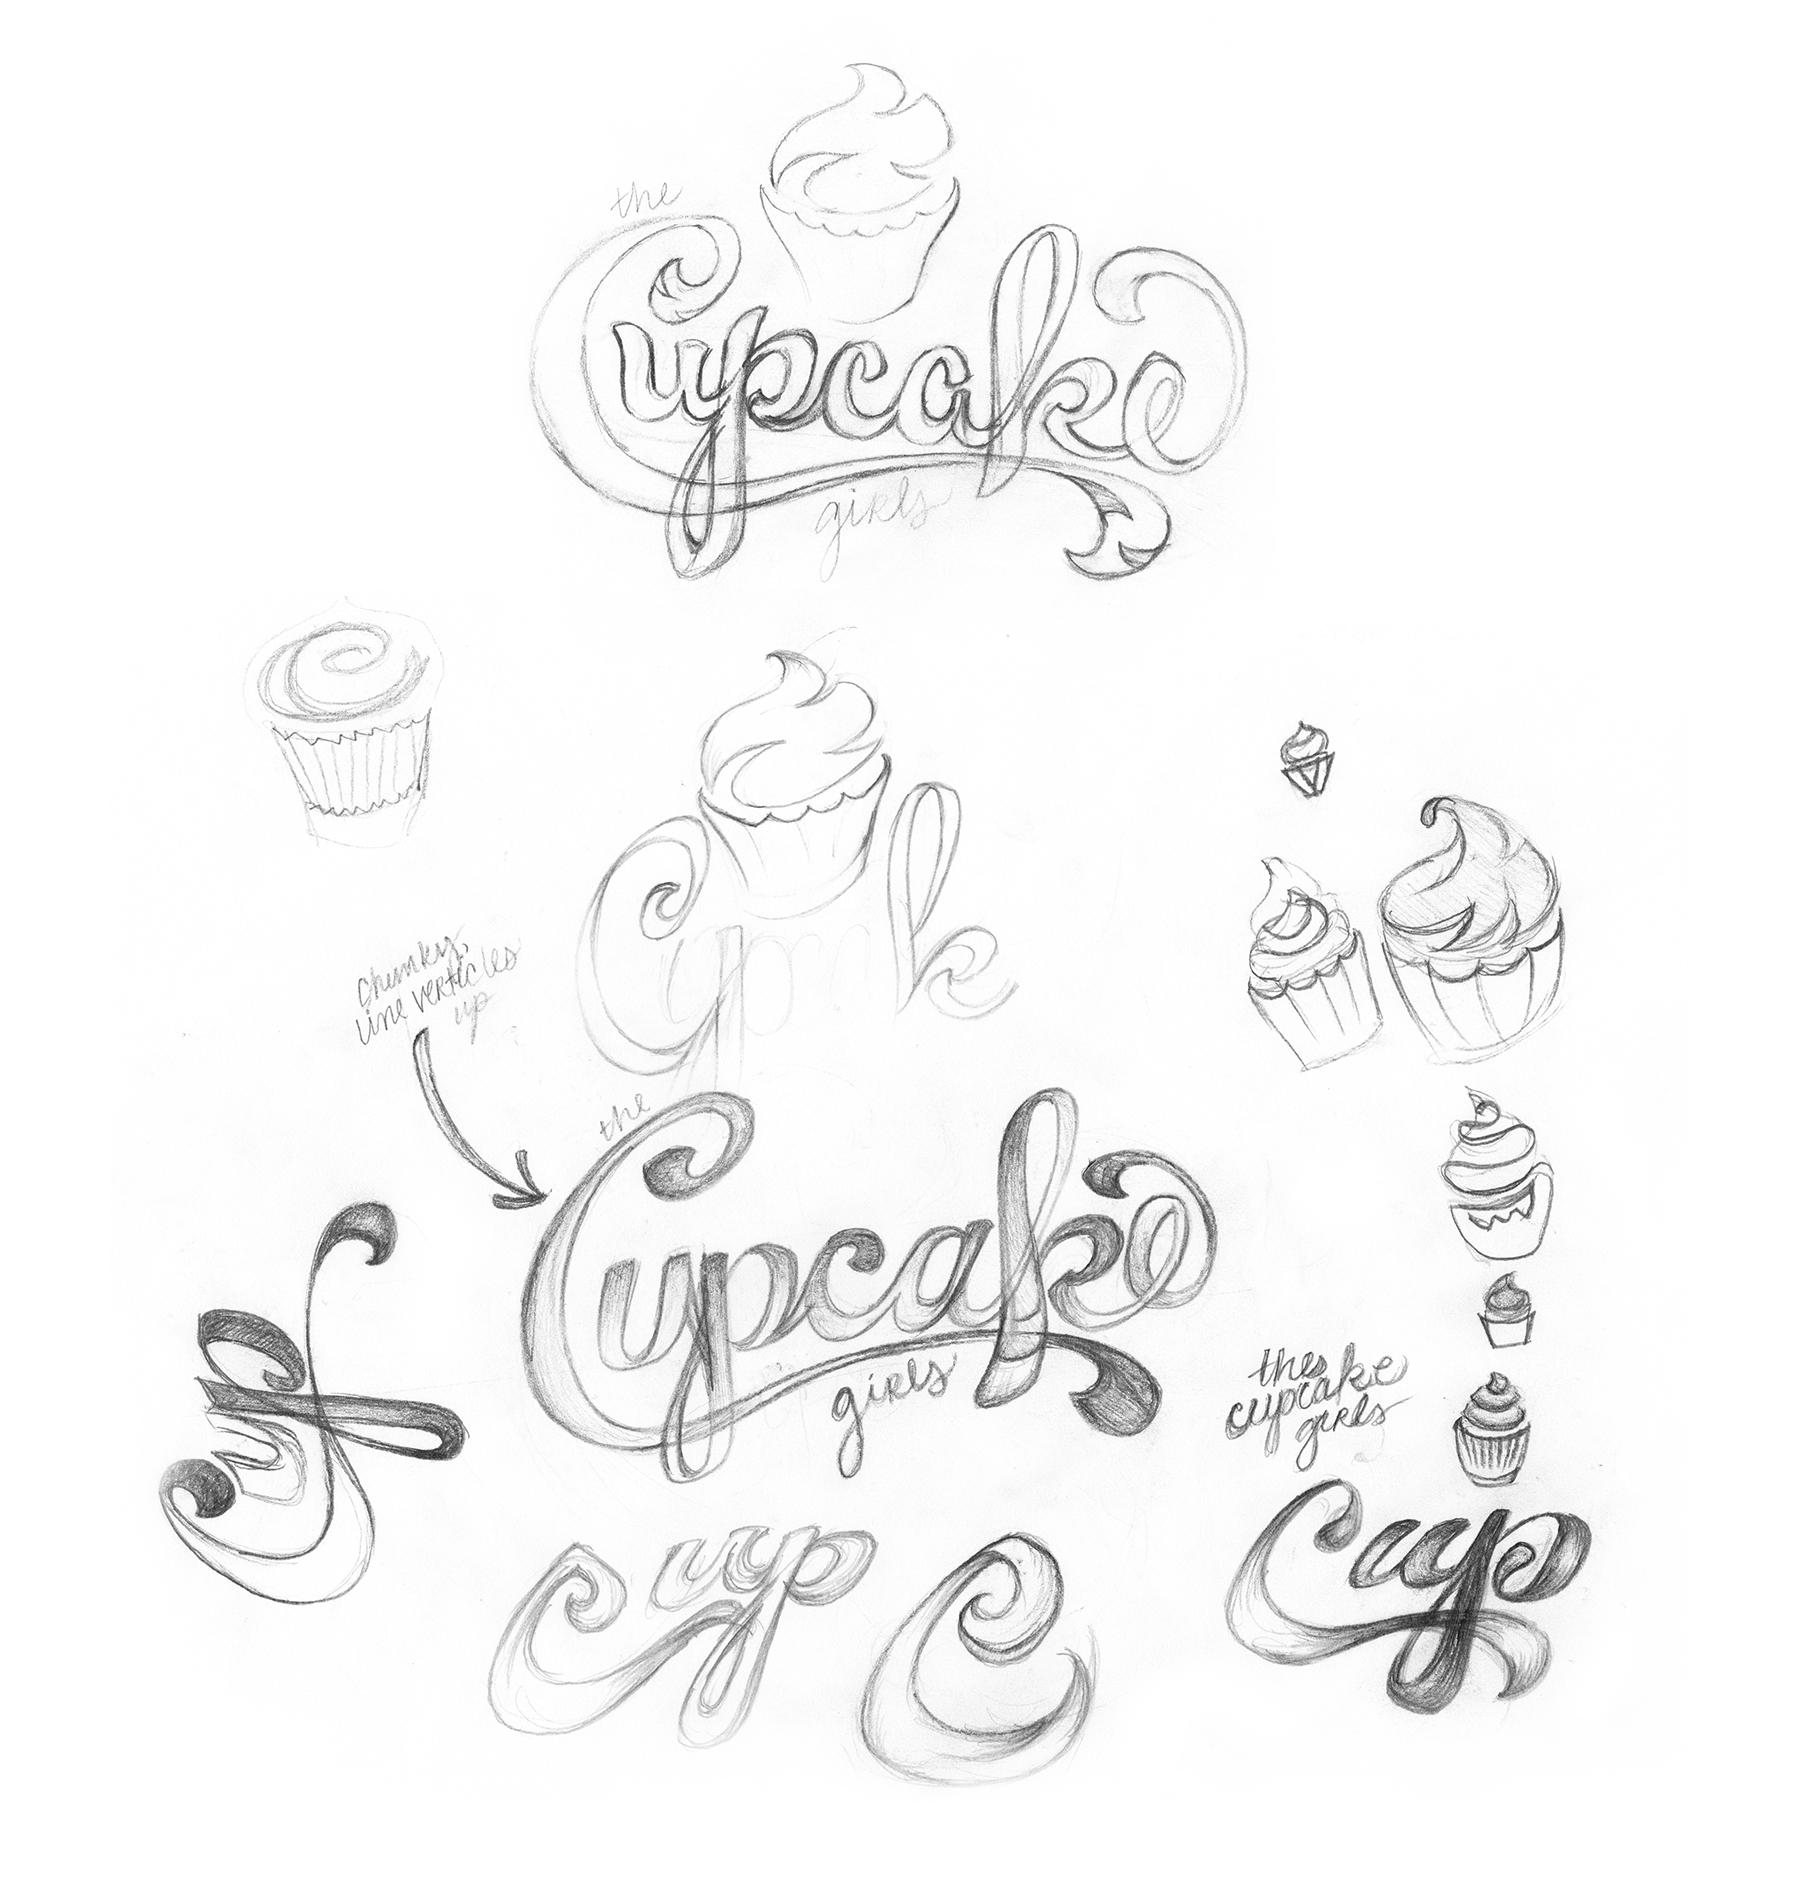 cupcake girls logo sketches.jpg